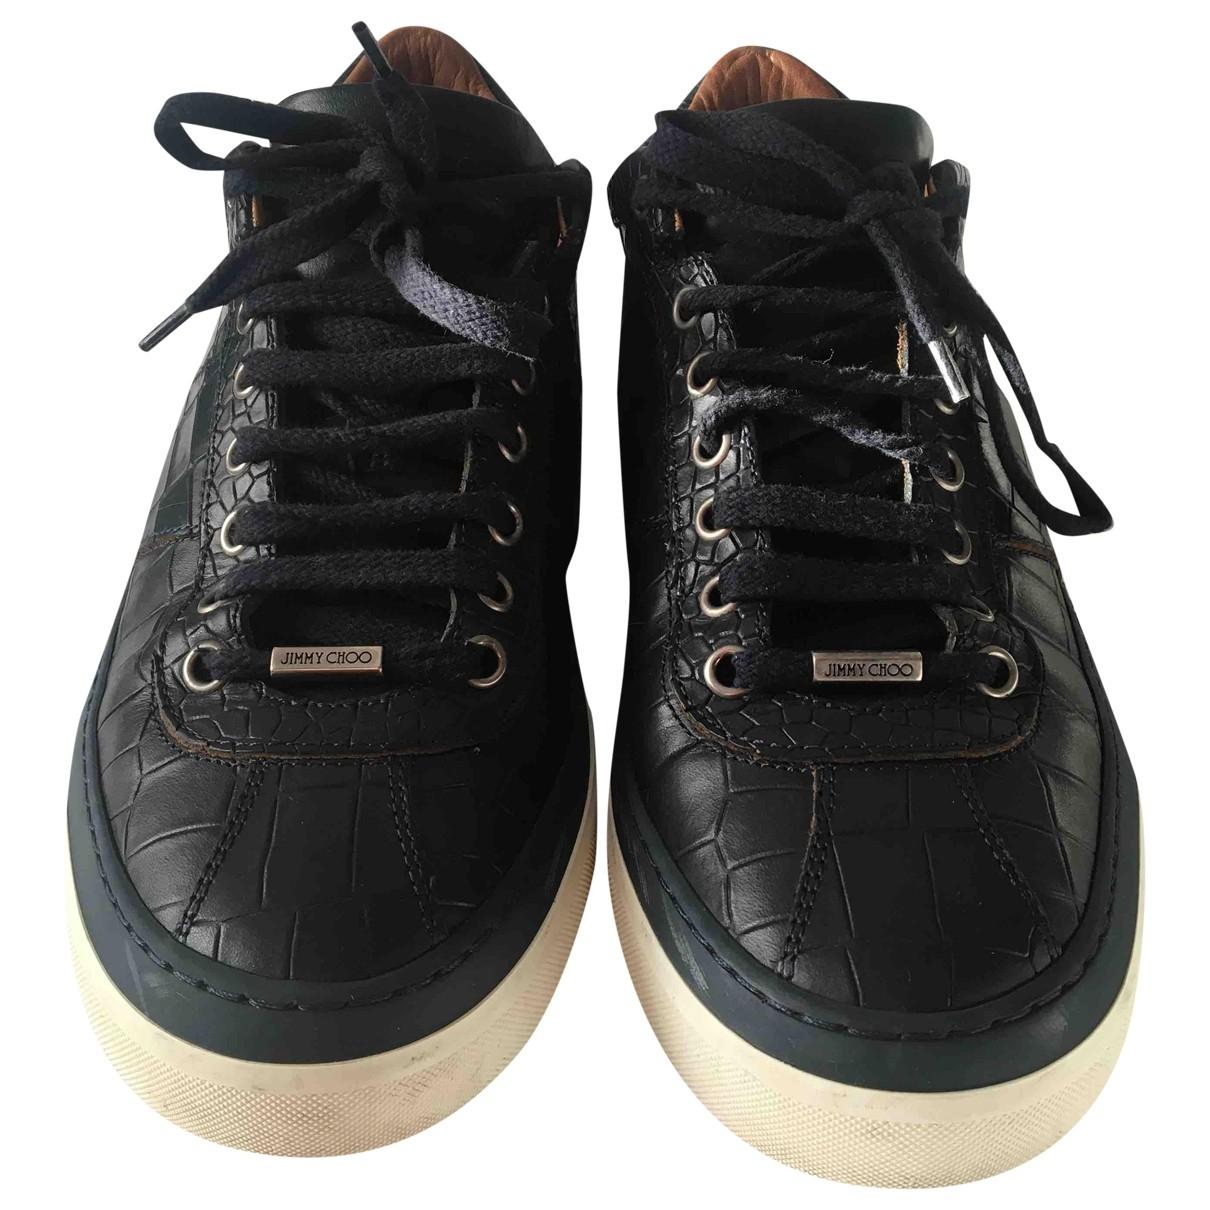 Jimmy Choo - Baskets Cash pour homme en cuir - noir